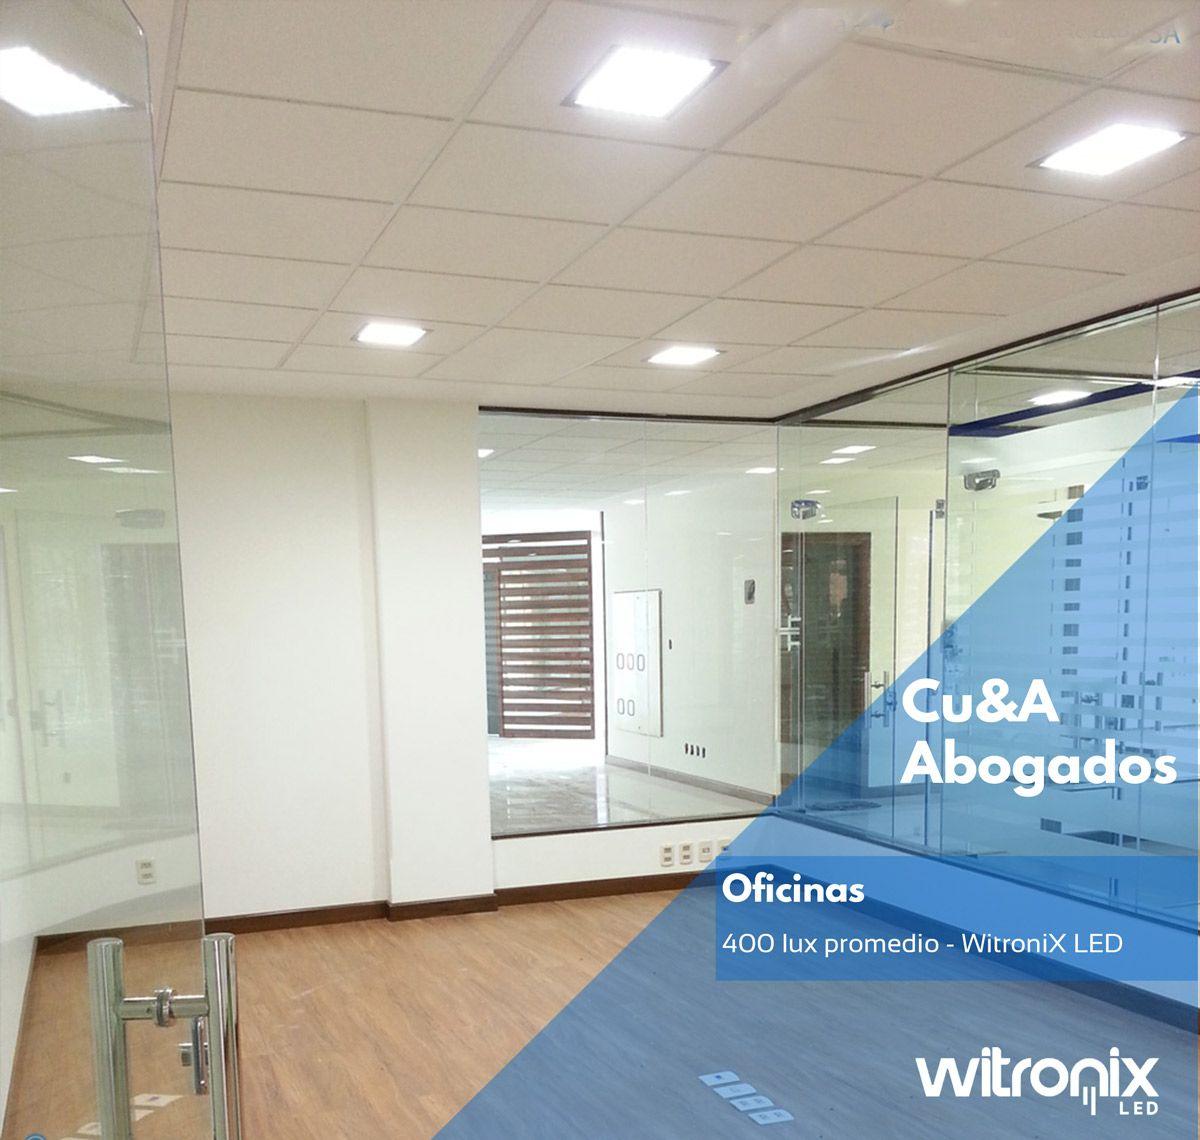 Abogados CU&A LED